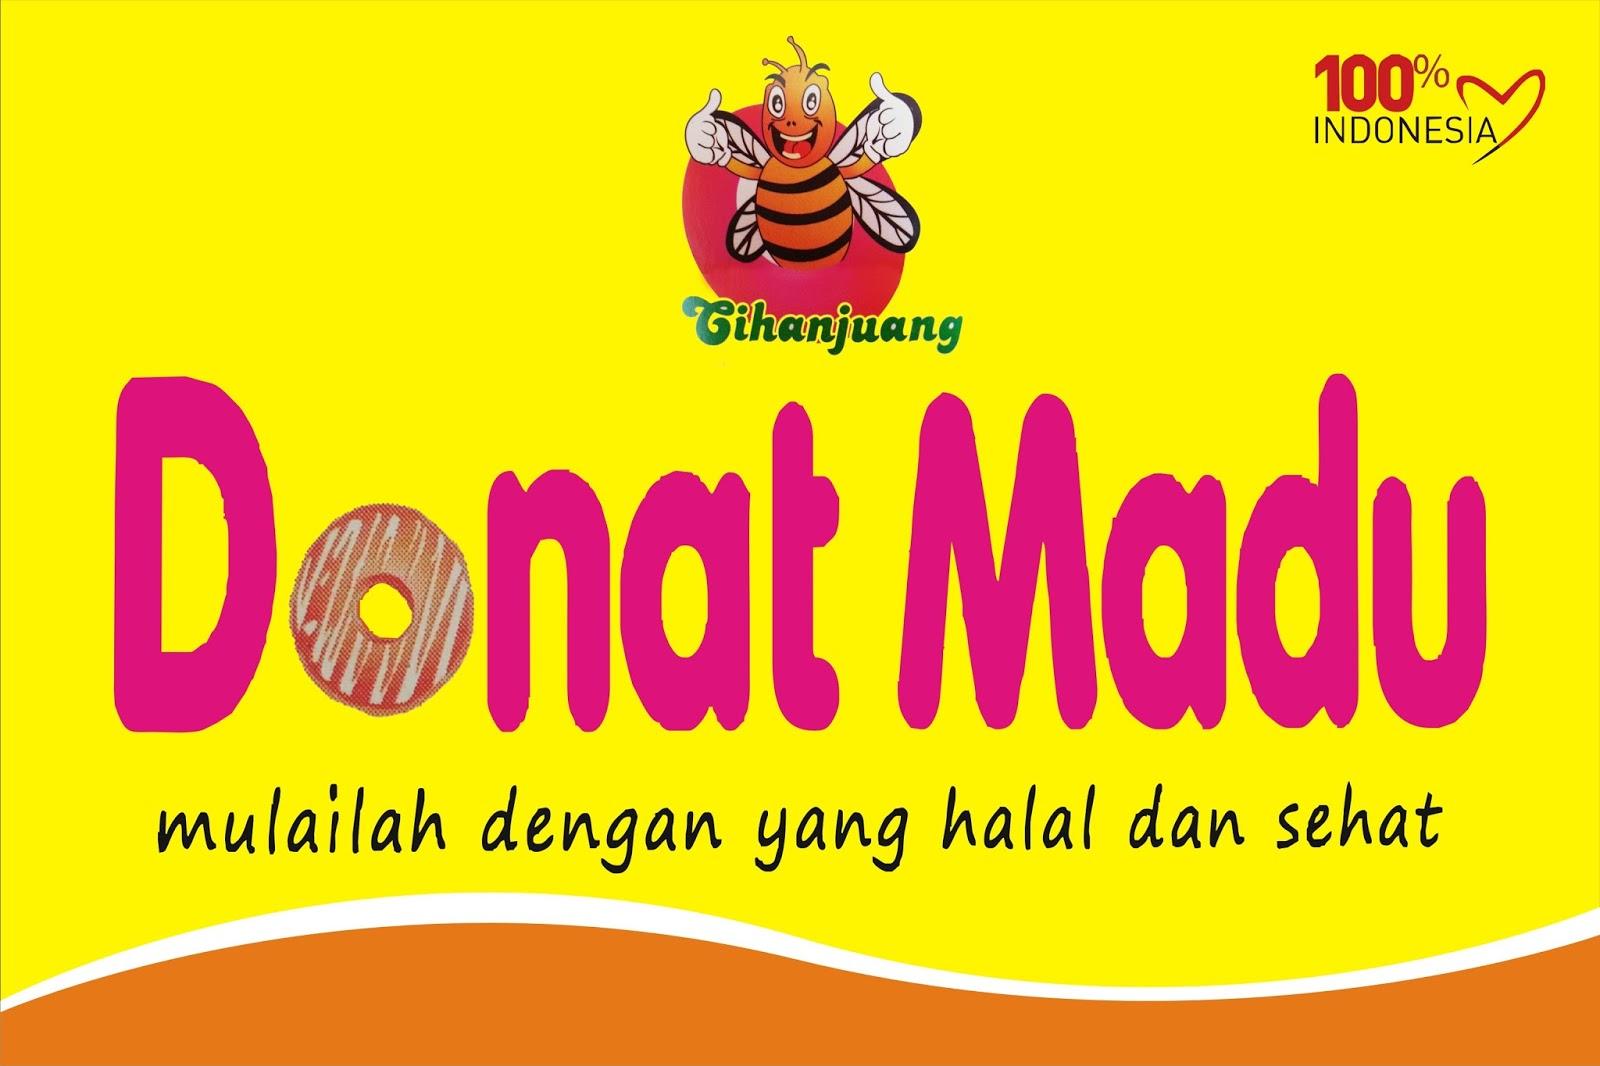 Download Contoh Spanduk Donat Madu.cdr | KARYAKU